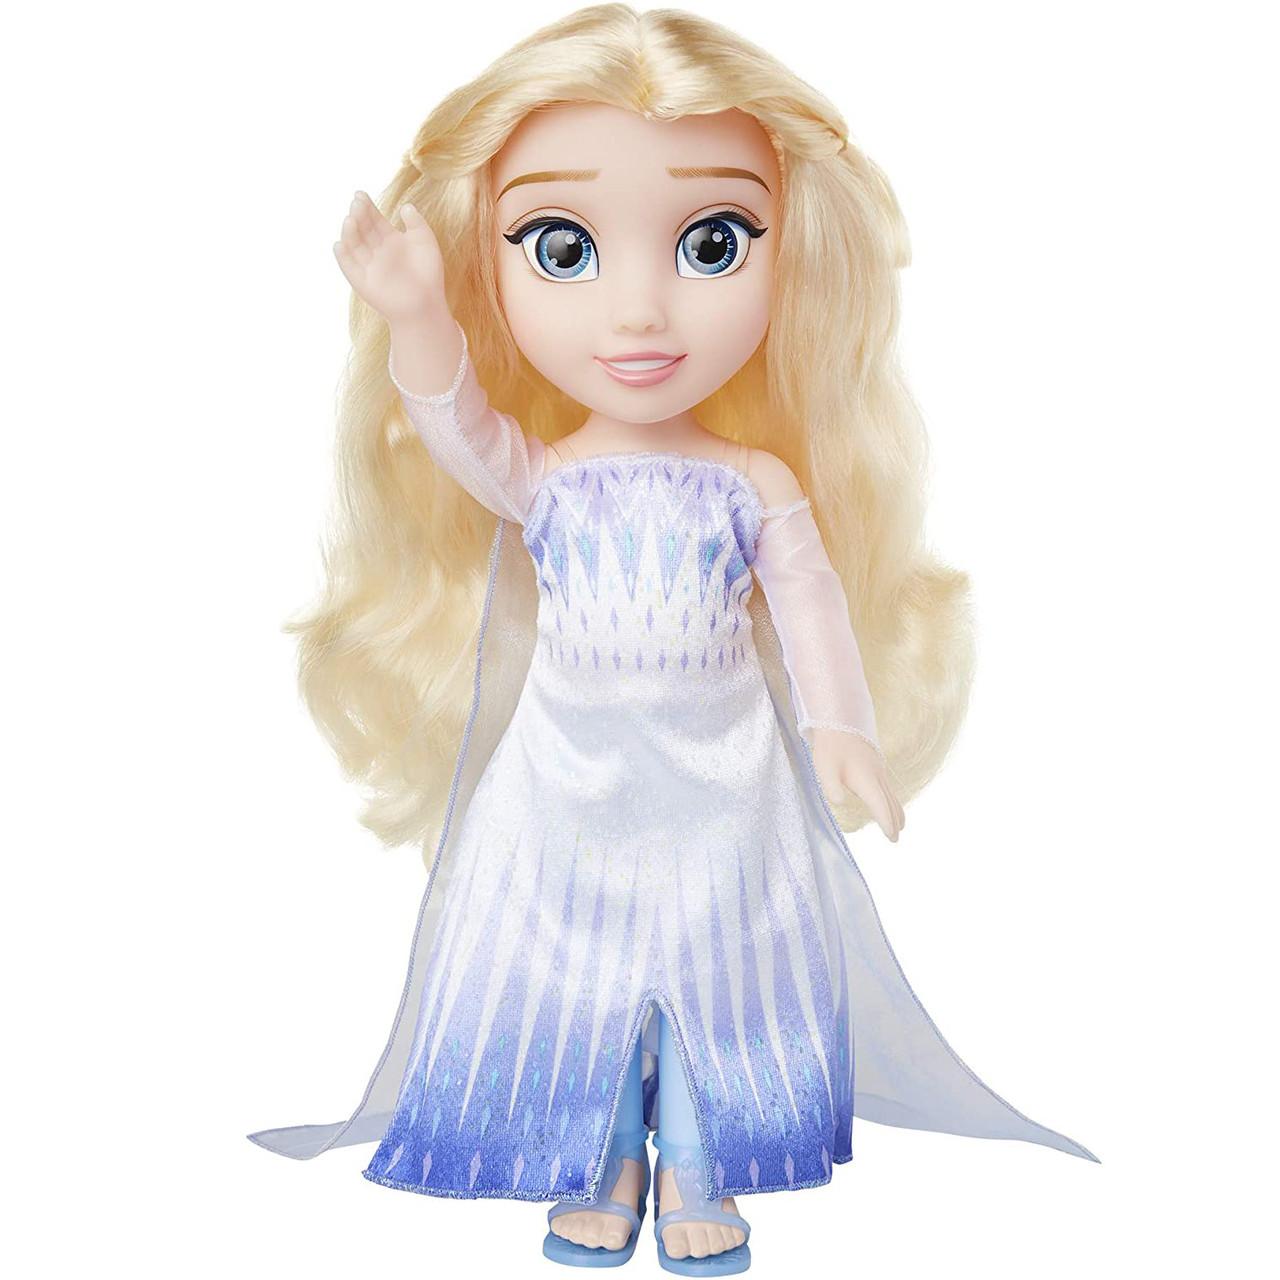 Кукла Эльза снежная королева Disney Frozen 2 Elsa B07KV